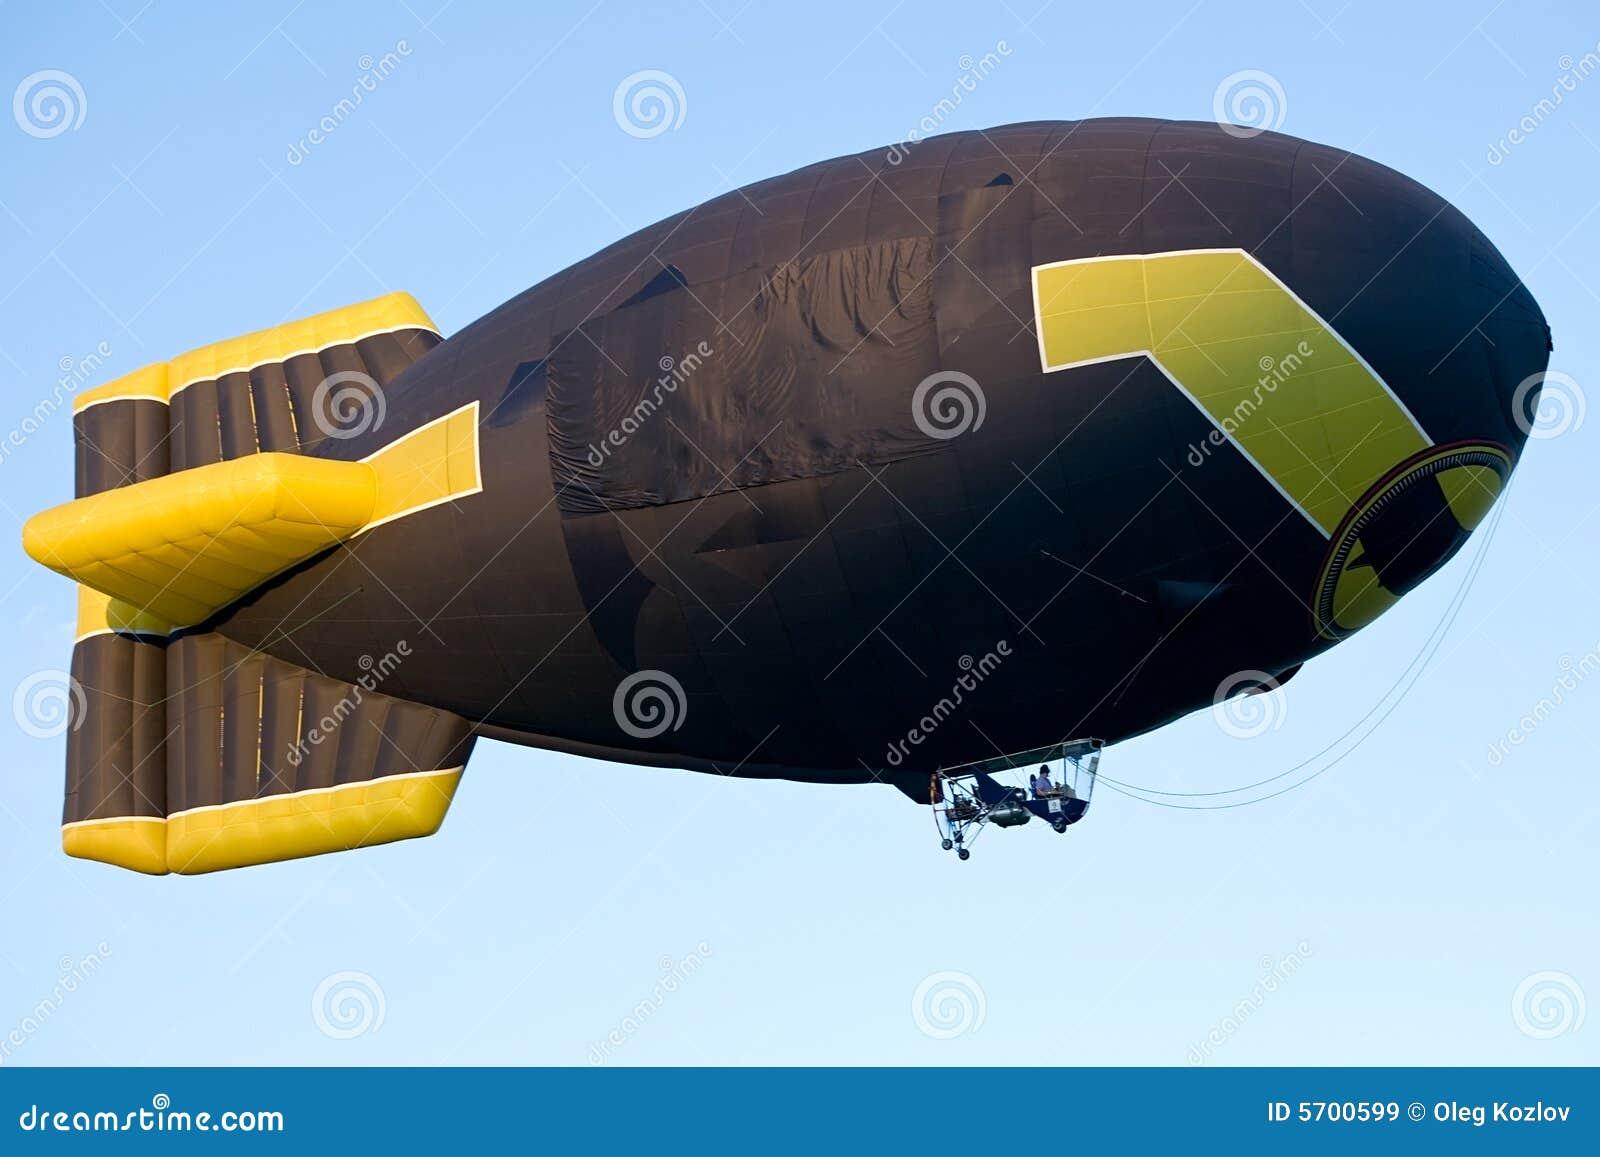 软式小型飞艇飞行